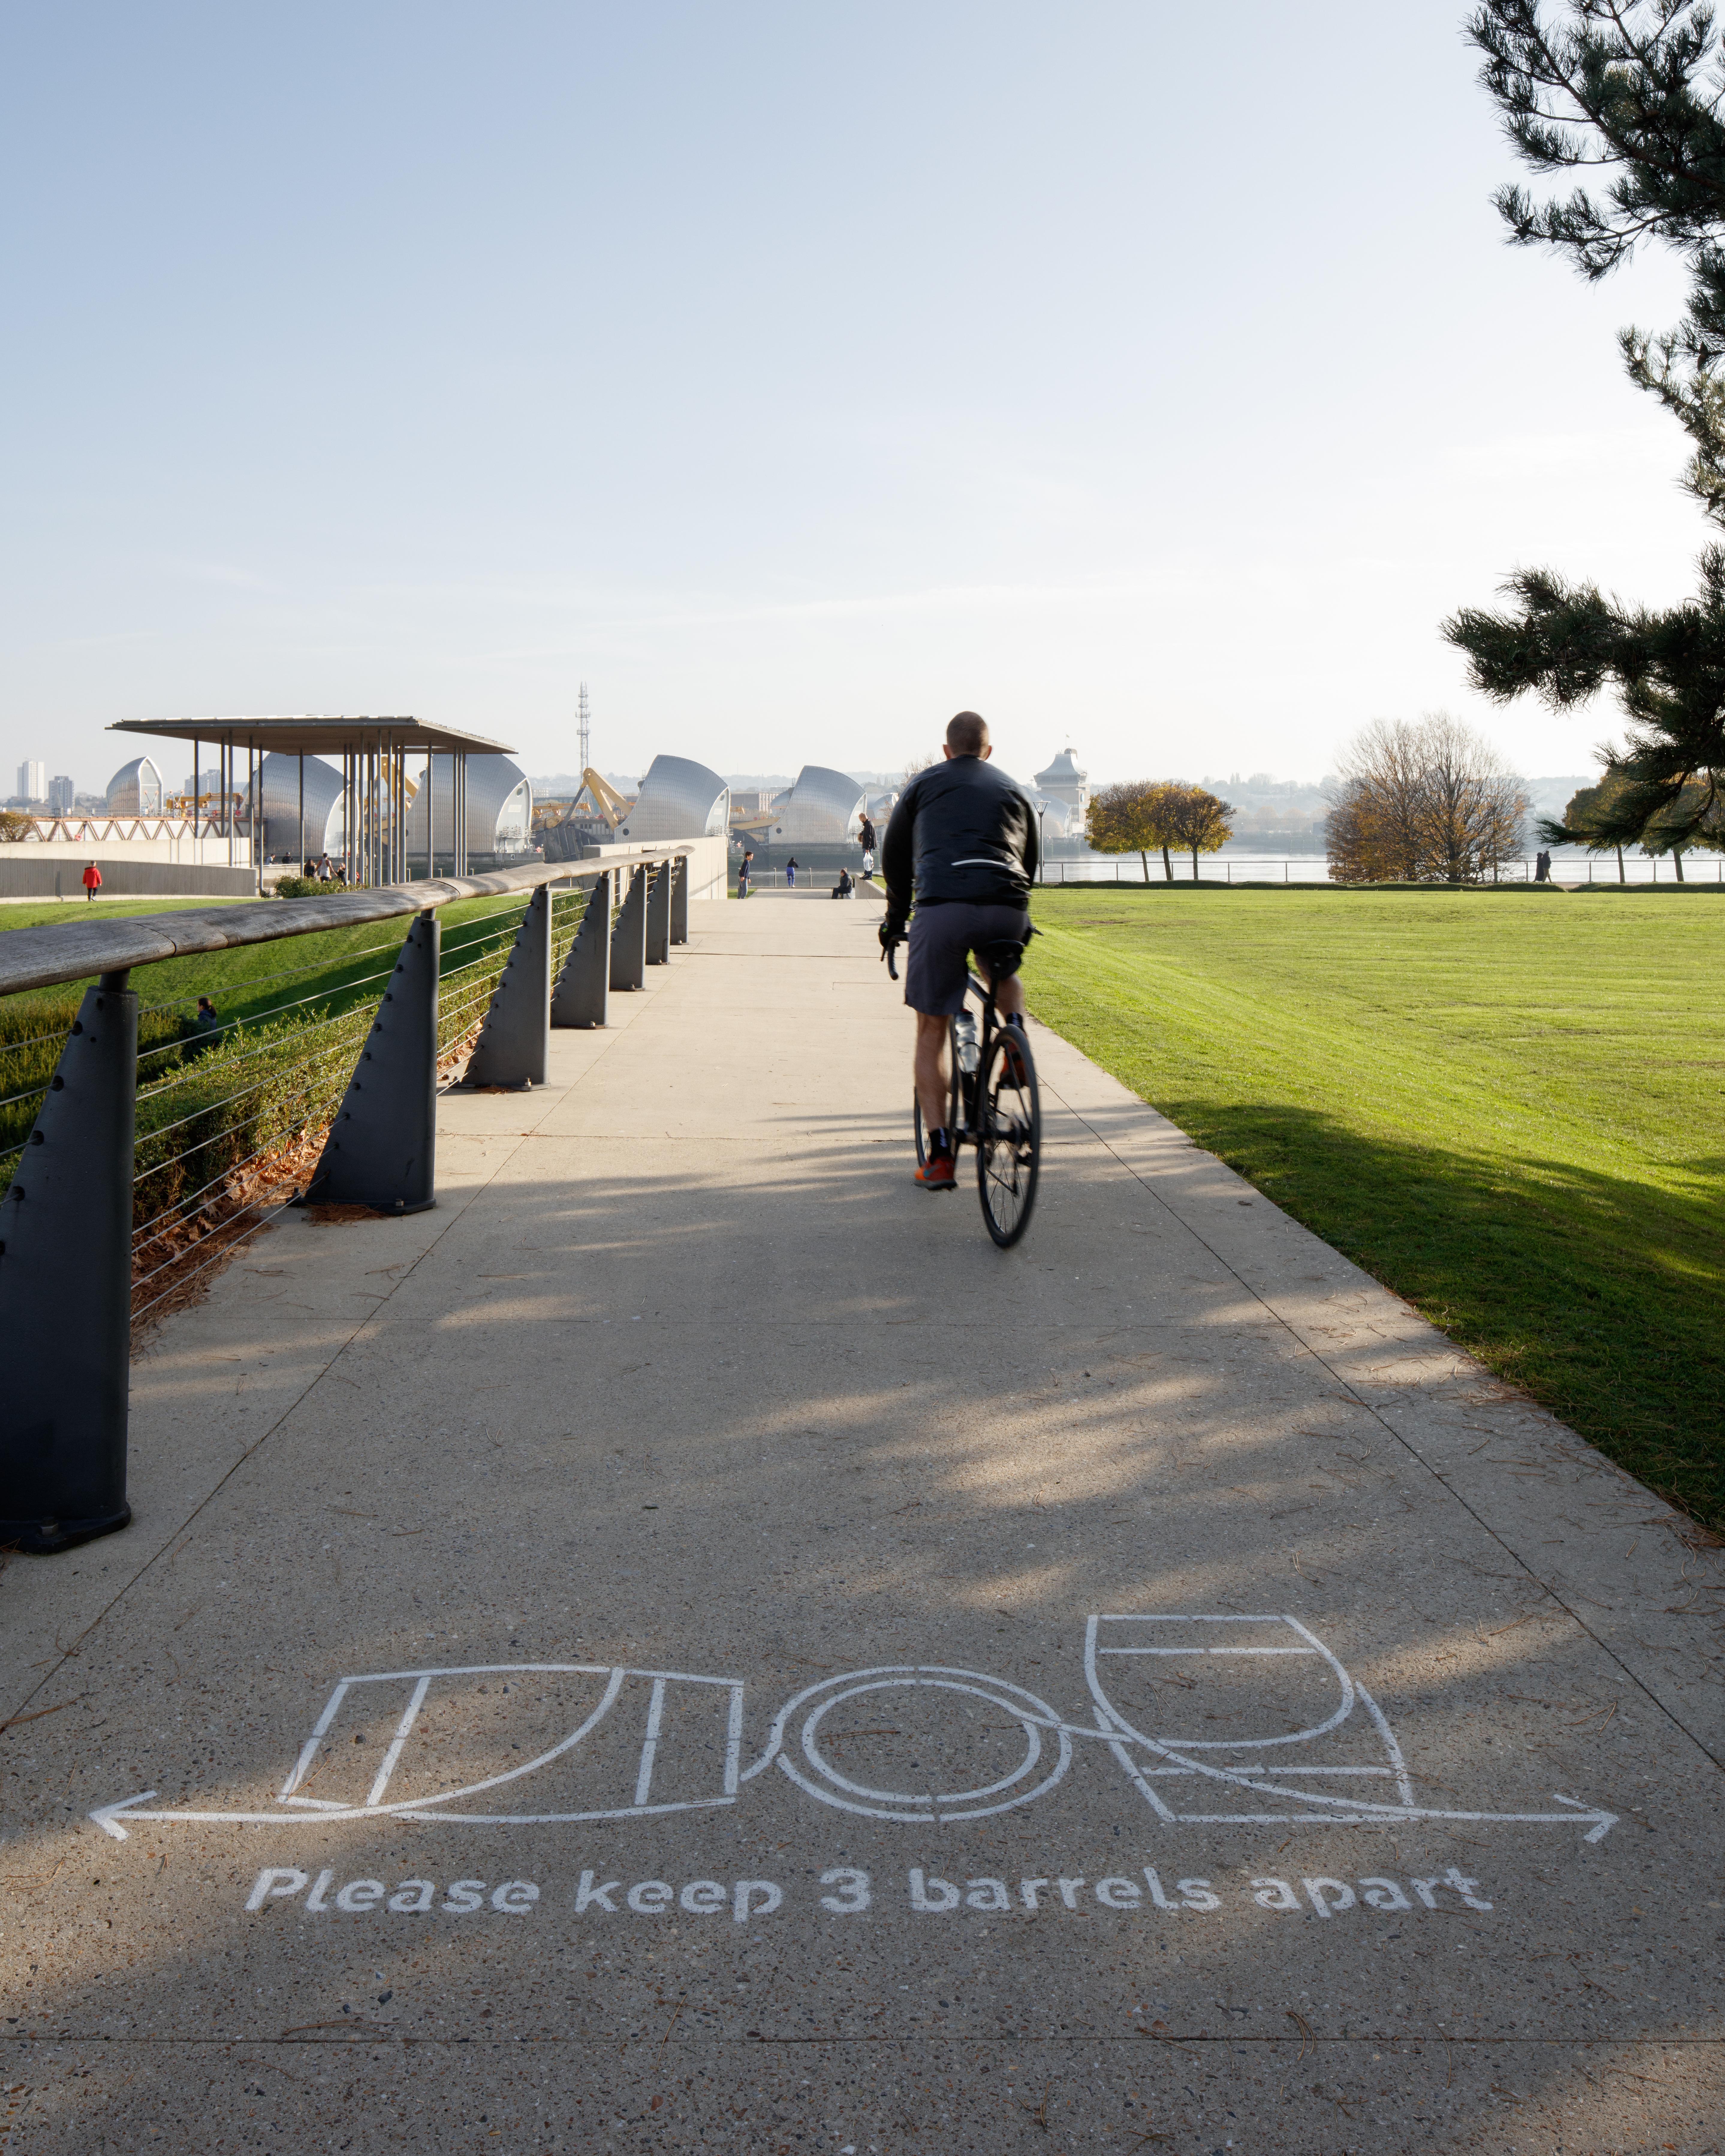 Thames Barrier Park Artwork